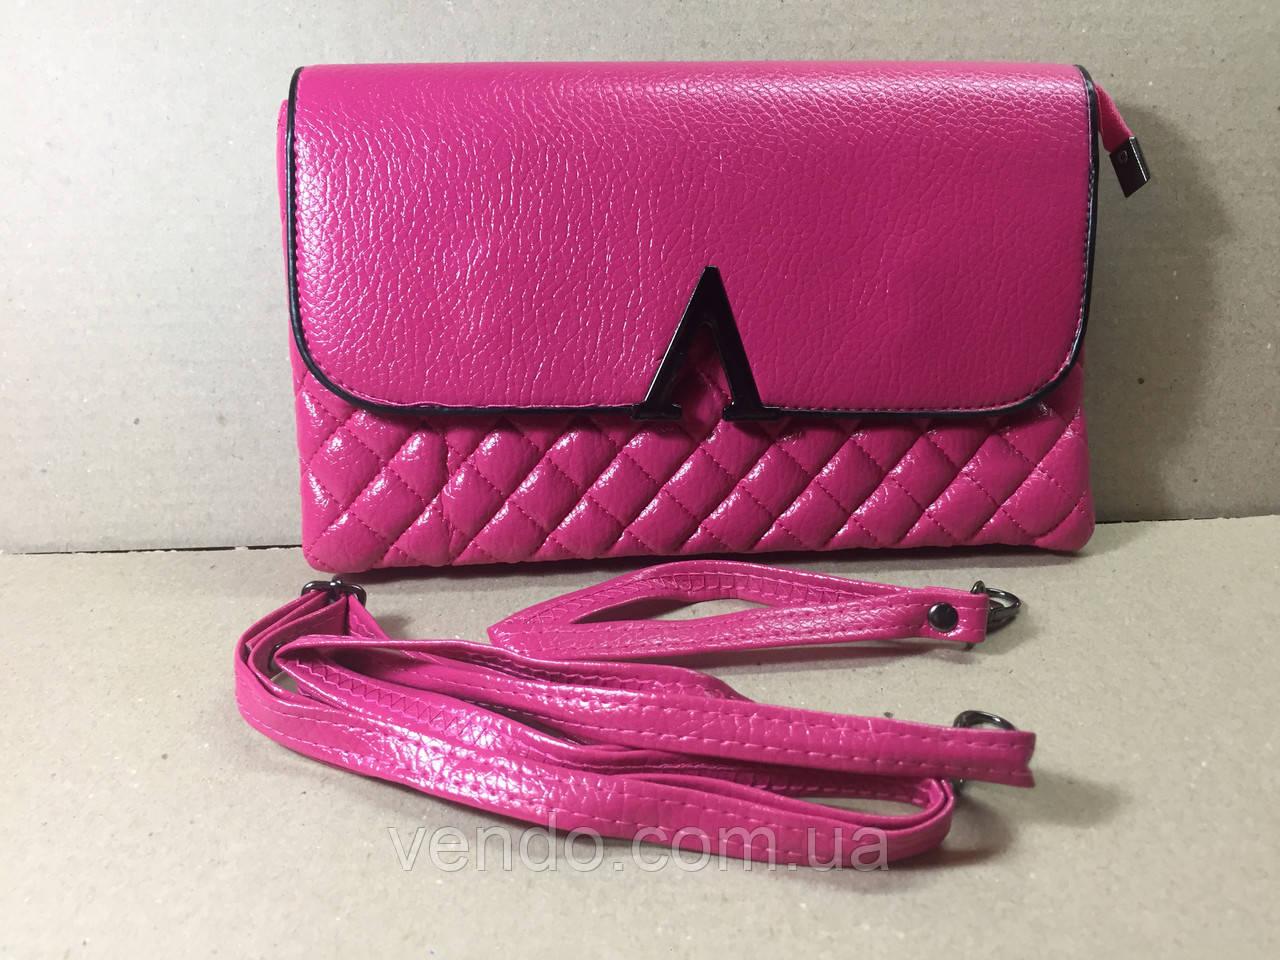 Сумочка-клатч женский стеганый 24х15х4 см / Розовый